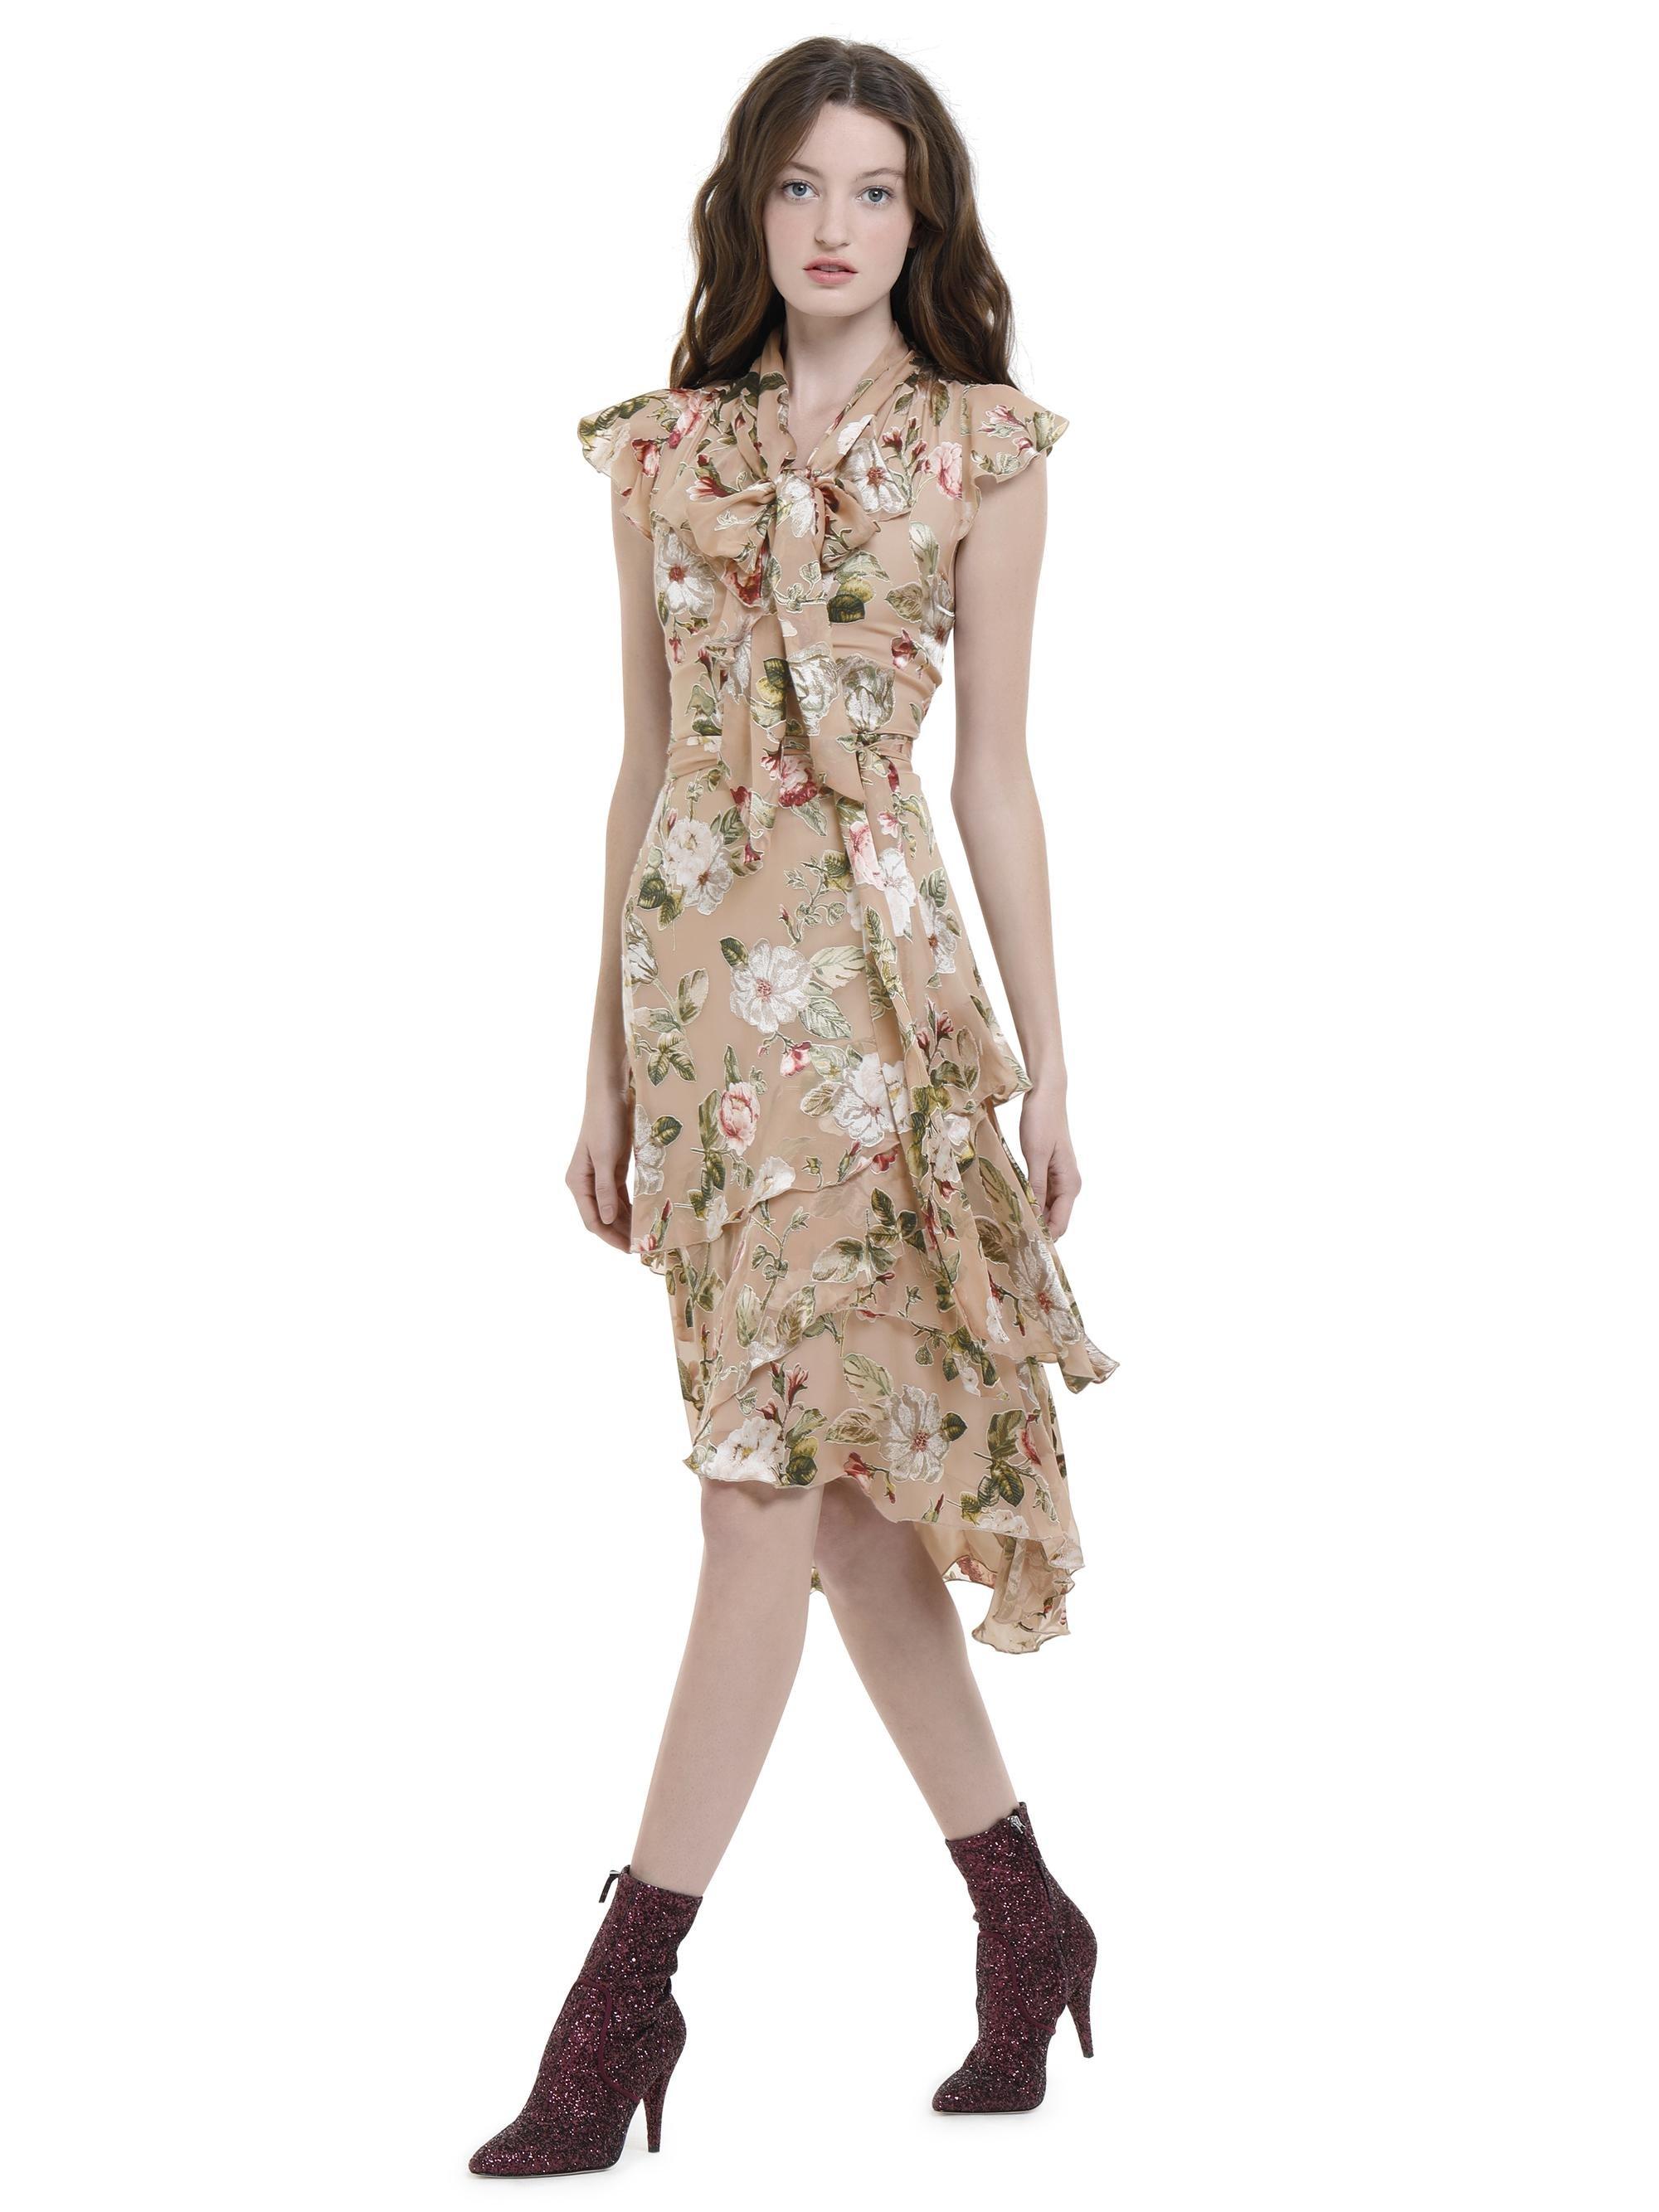 49711a681cc78 Alice + Olivia Lavenia Bow Collar Midi Dress in Natural - Lyst